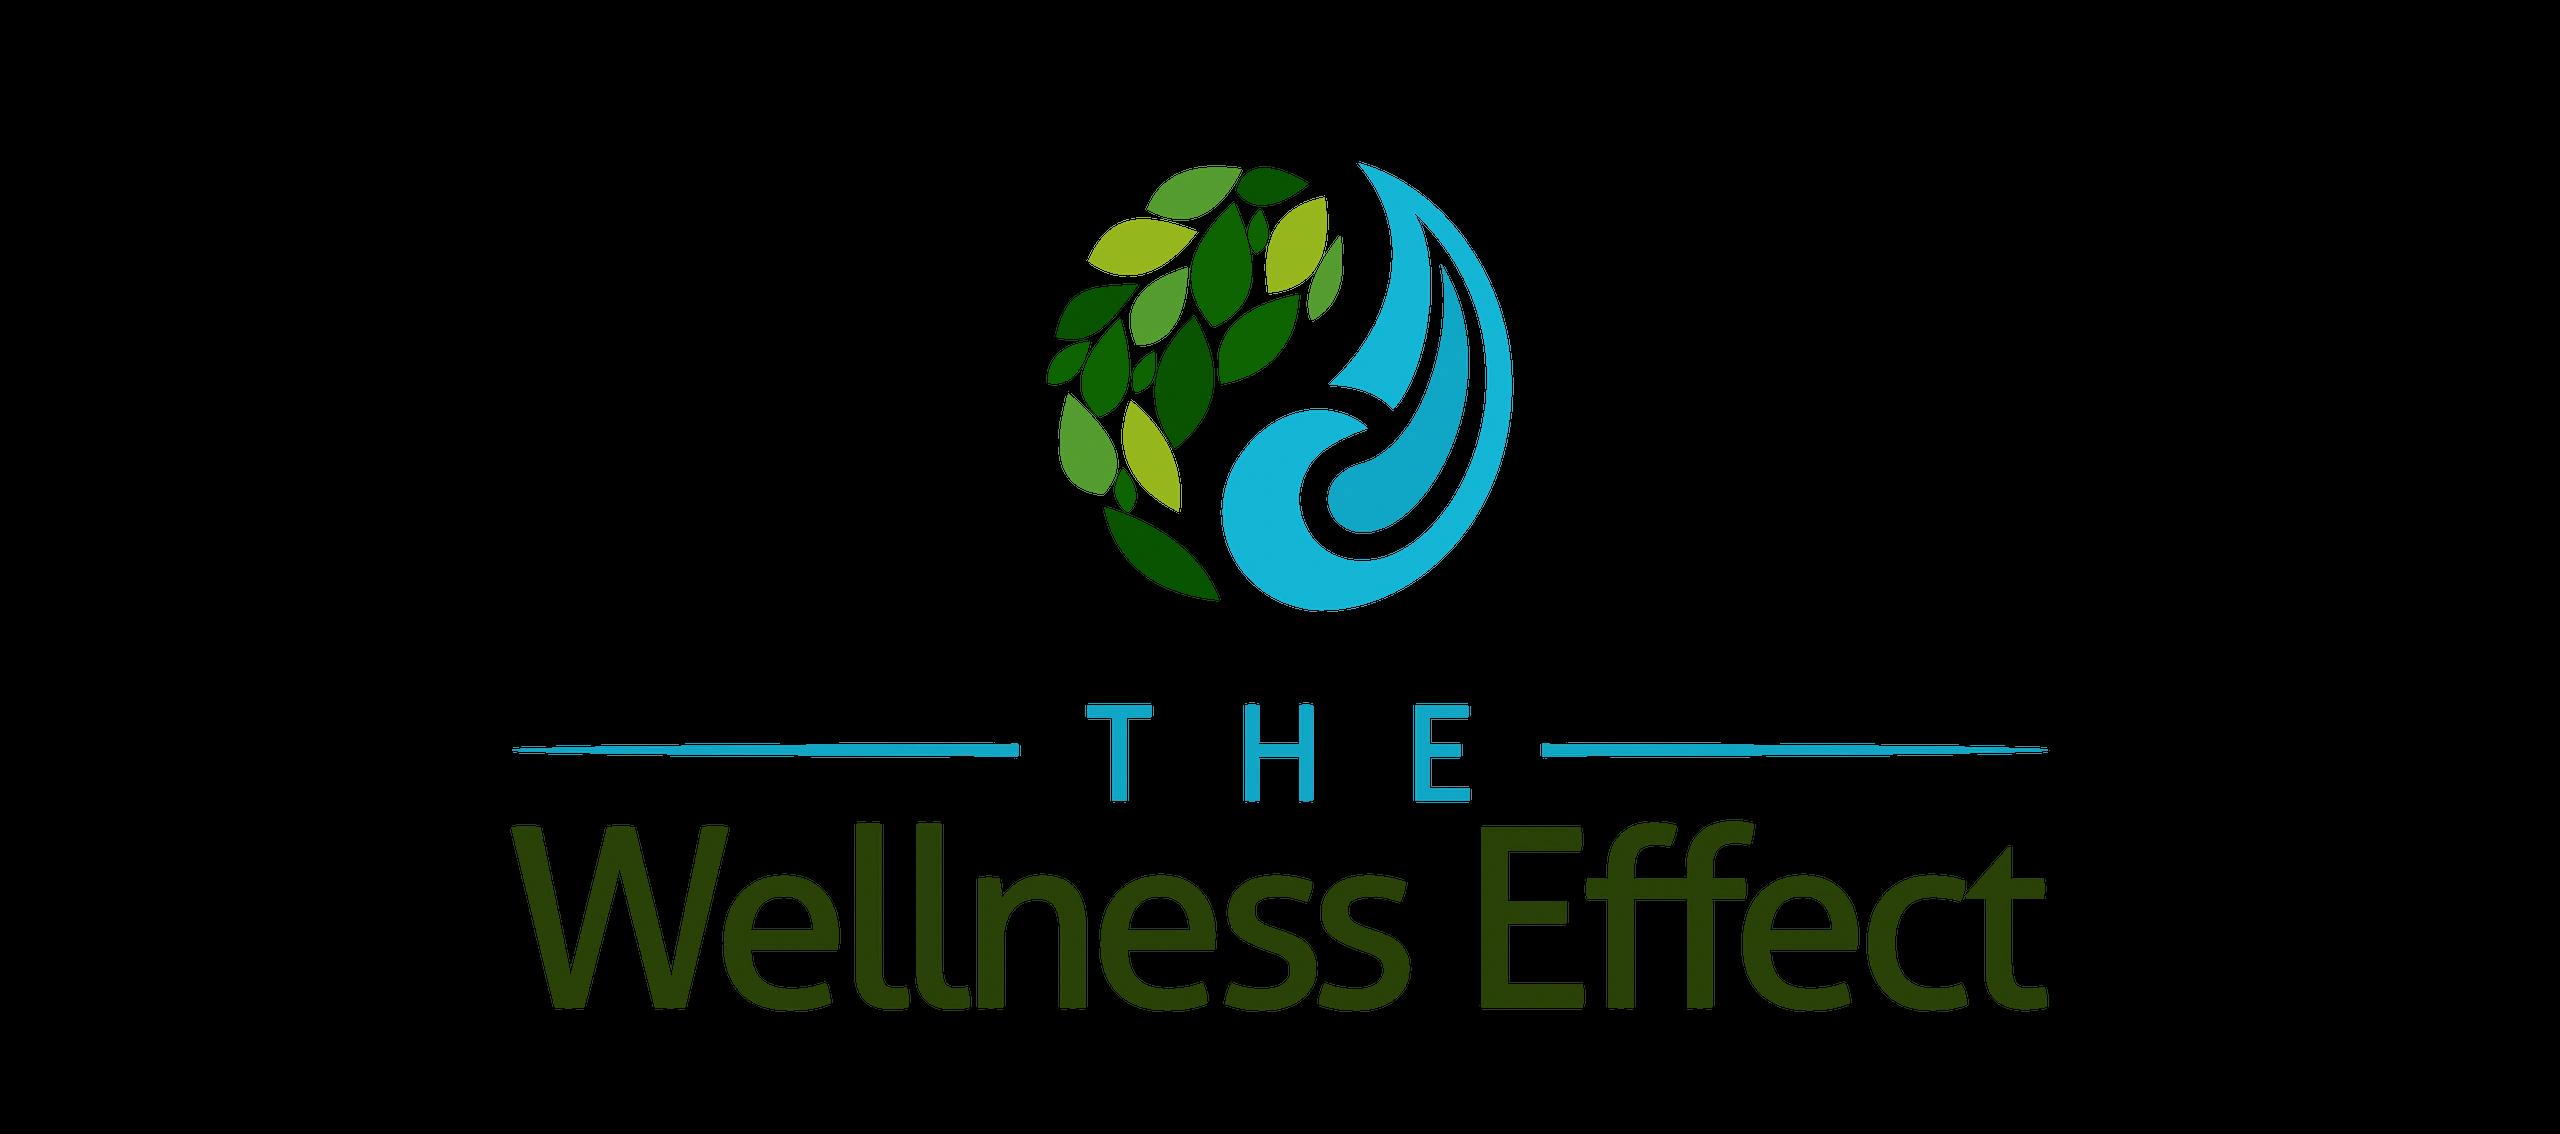 The Wellness Effect logo